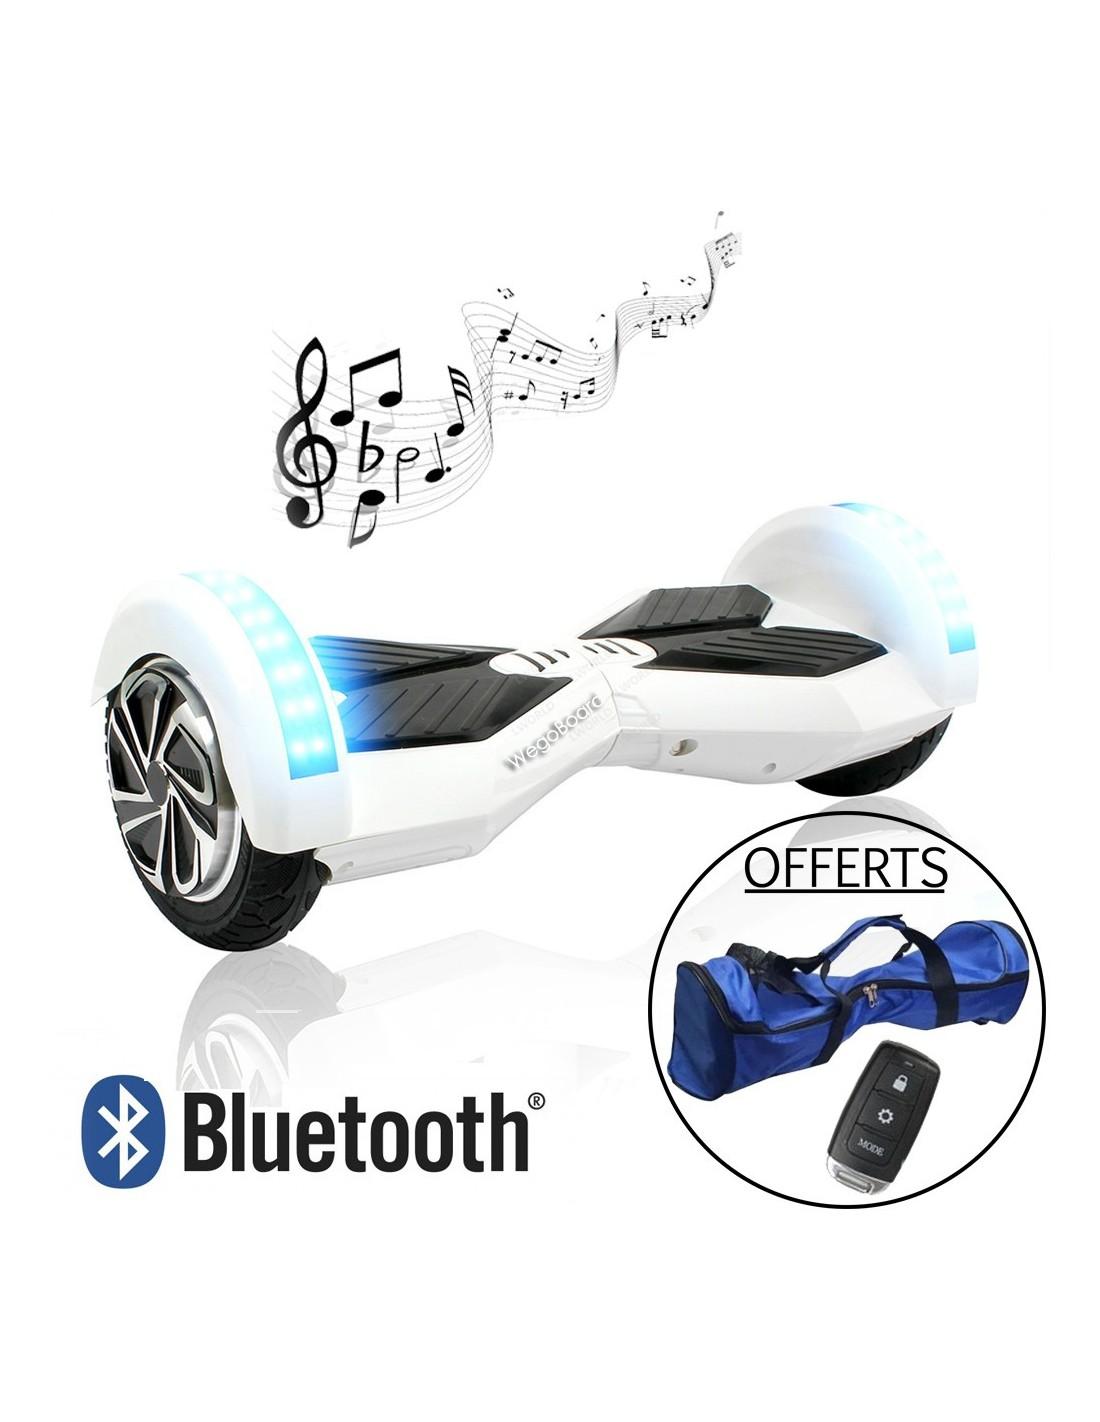 hoverboard xtrem bluetooth blanc wegoboard. Black Bedroom Furniture Sets. Home Design Ideas